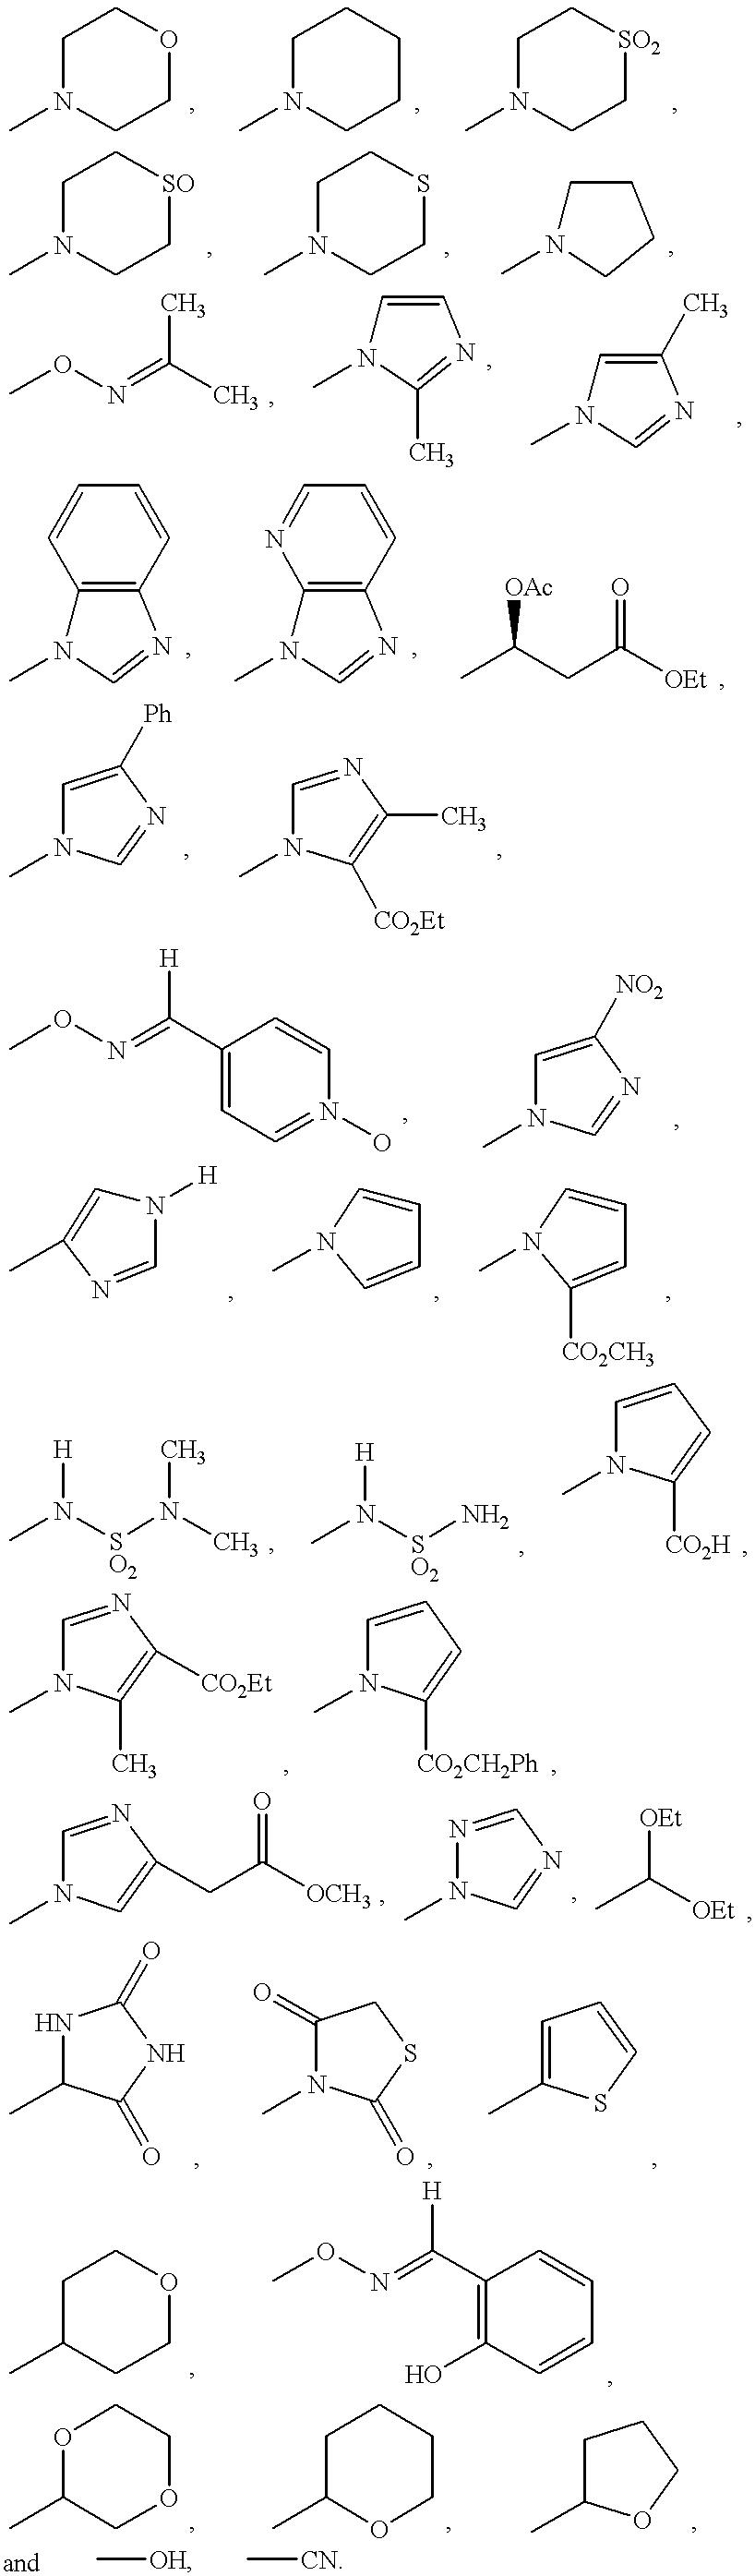 Figure US06387905-20020514-C00024